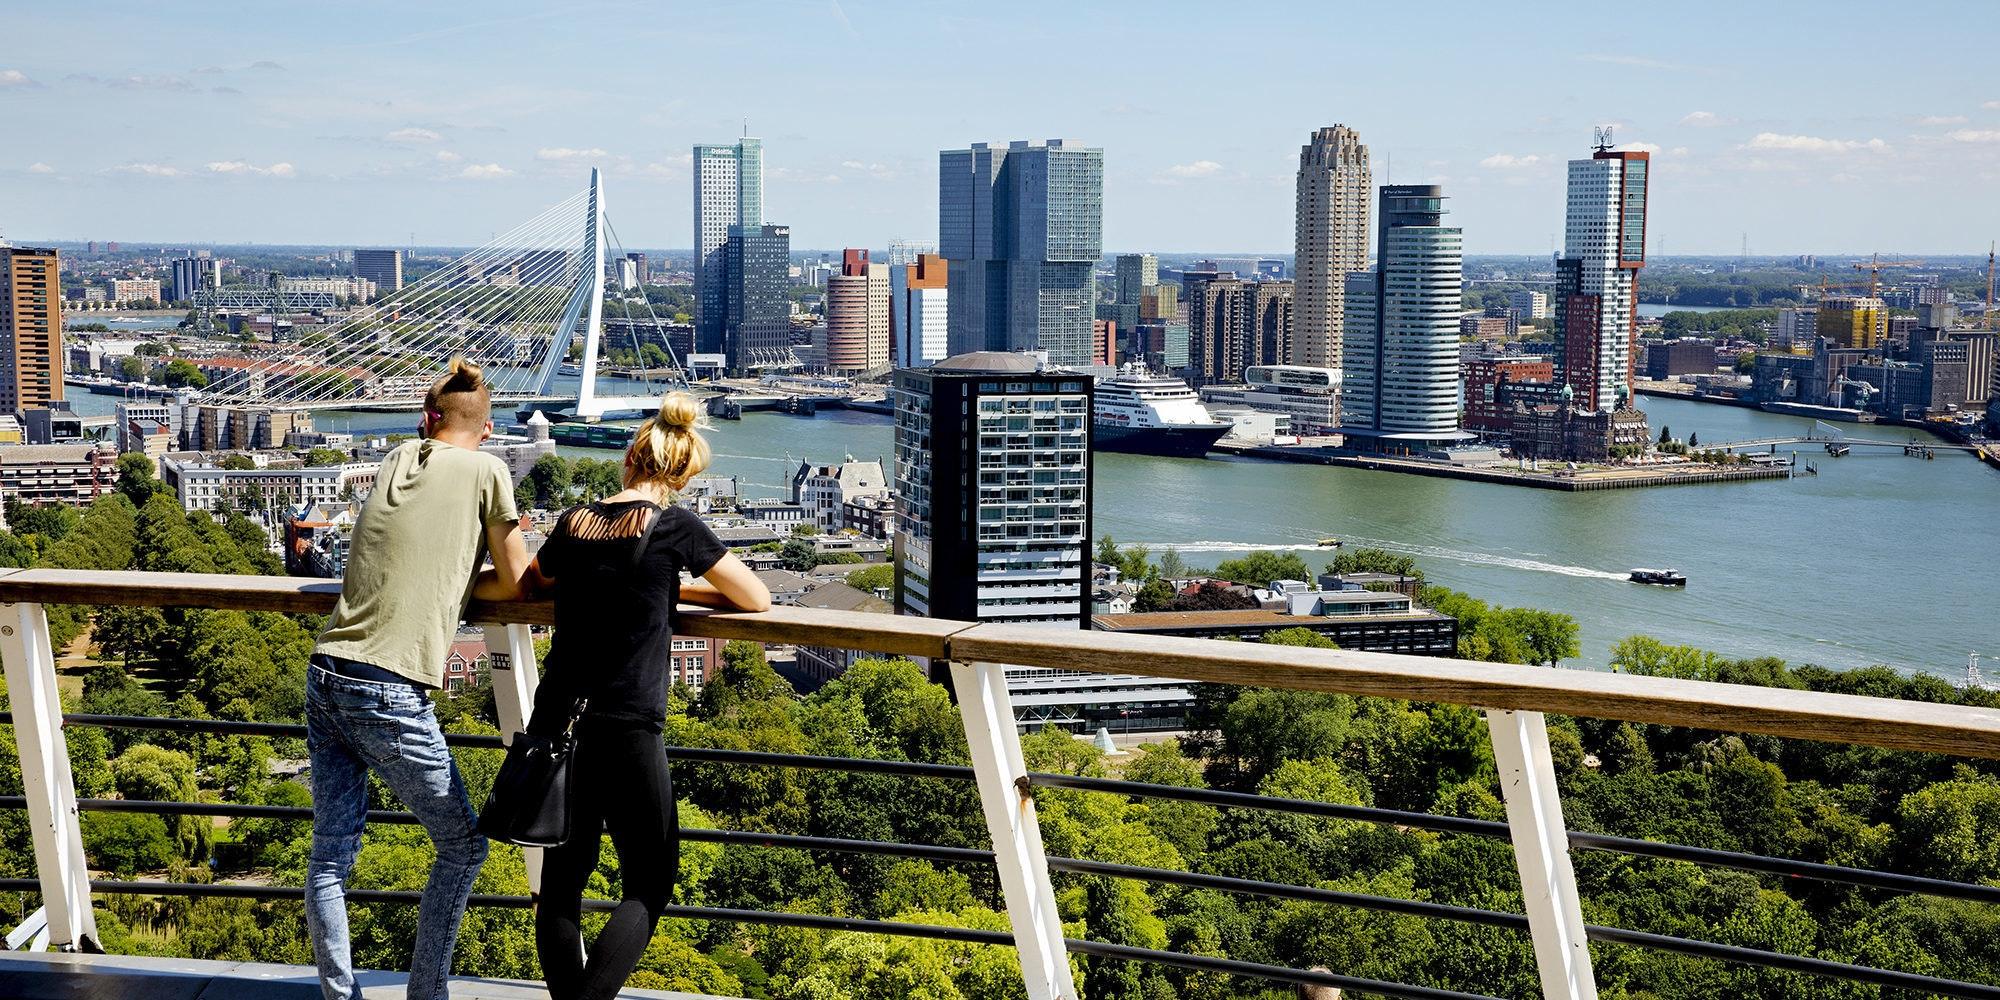 Đừng bỏ qua cơ hội học tập, trải nghiệm và xây dựng sự nghiệp tại thành phố sôi động này